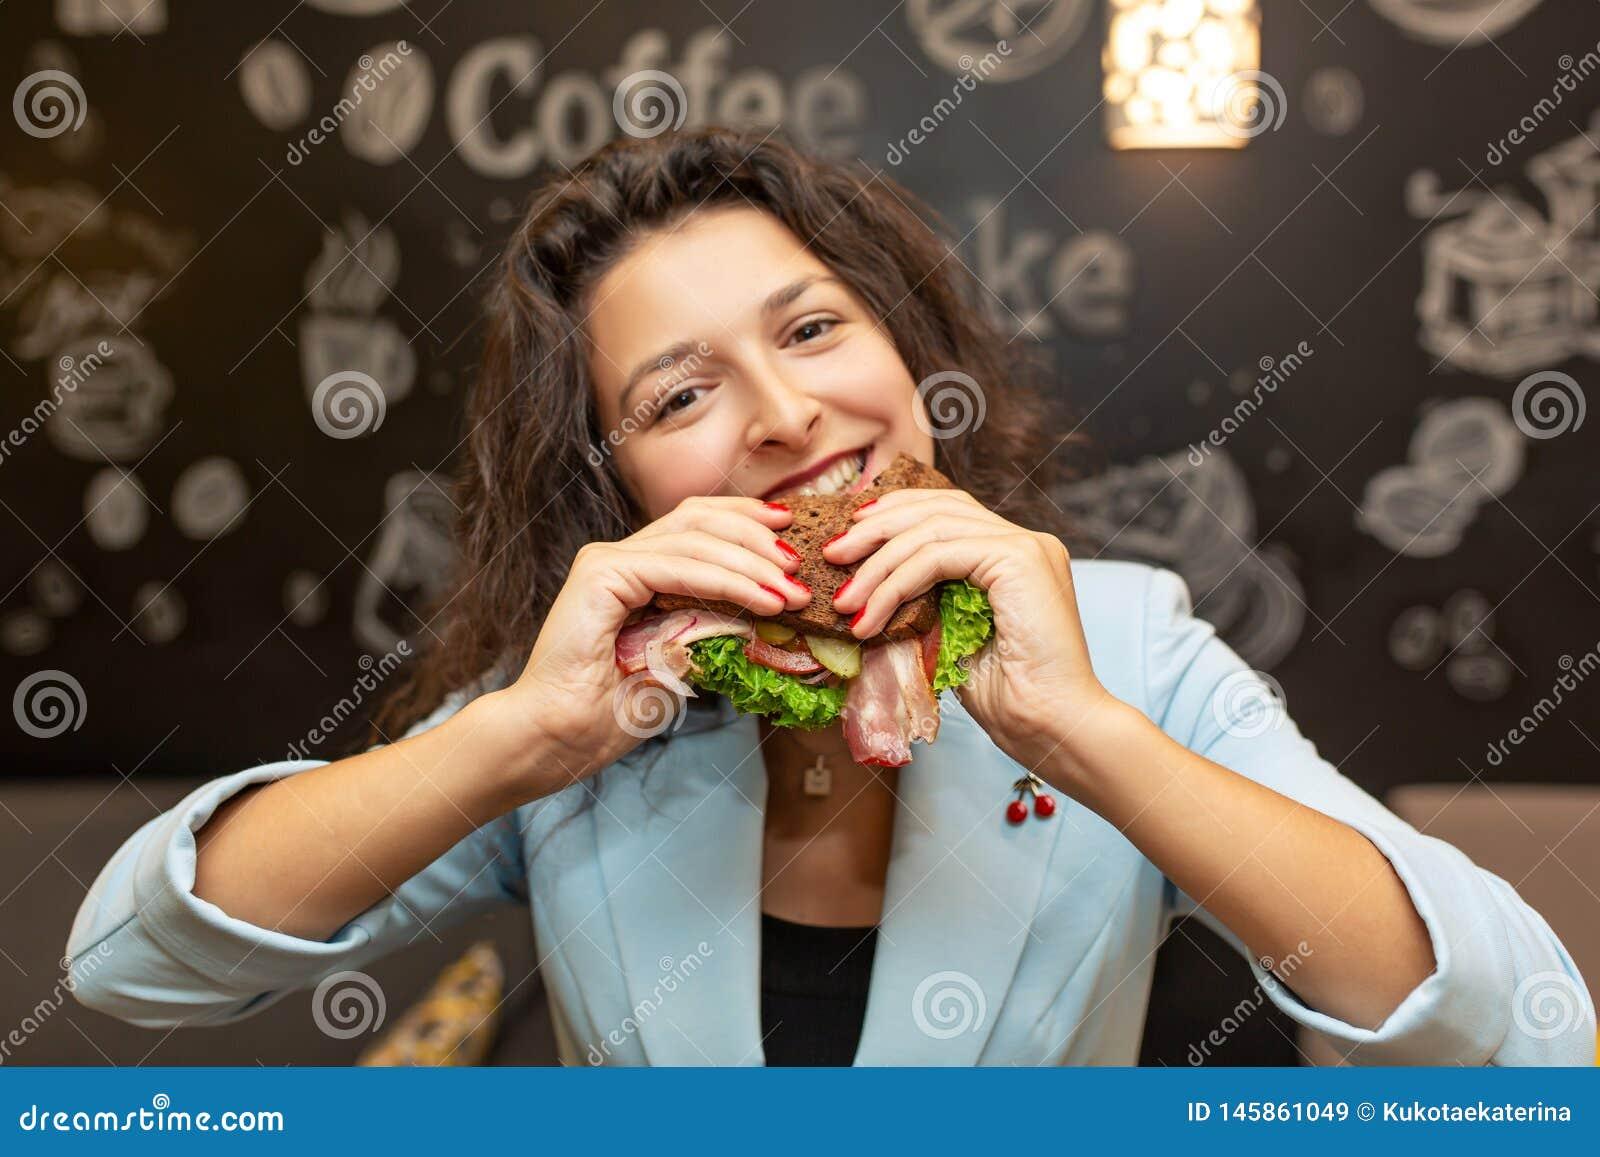 Nära övre stående av den hungriga unga caucasian kvinnan, tuggasmörgås